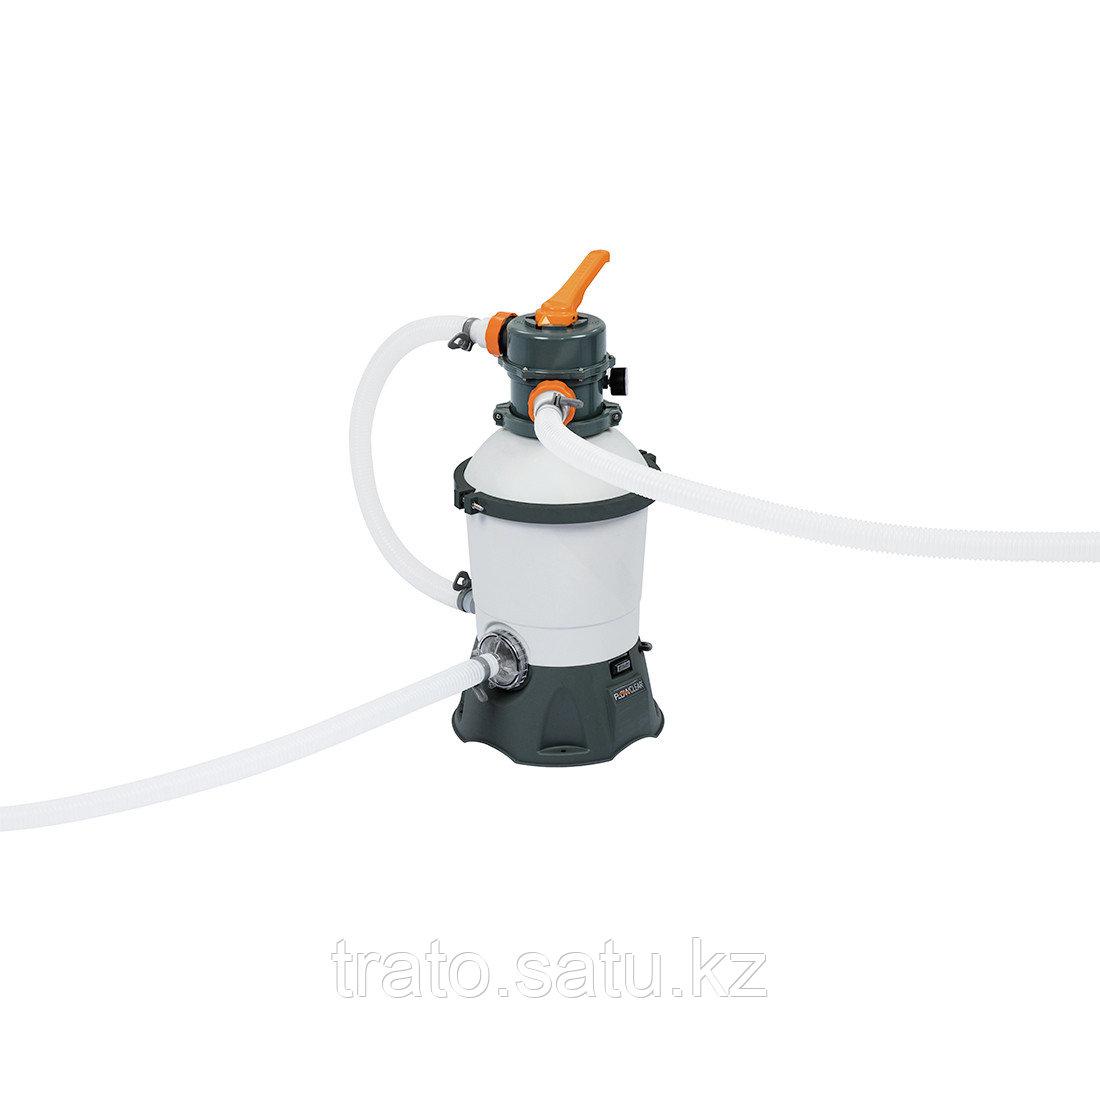 Фильтрующий песчаный насос BESTWAY 3028 л/час